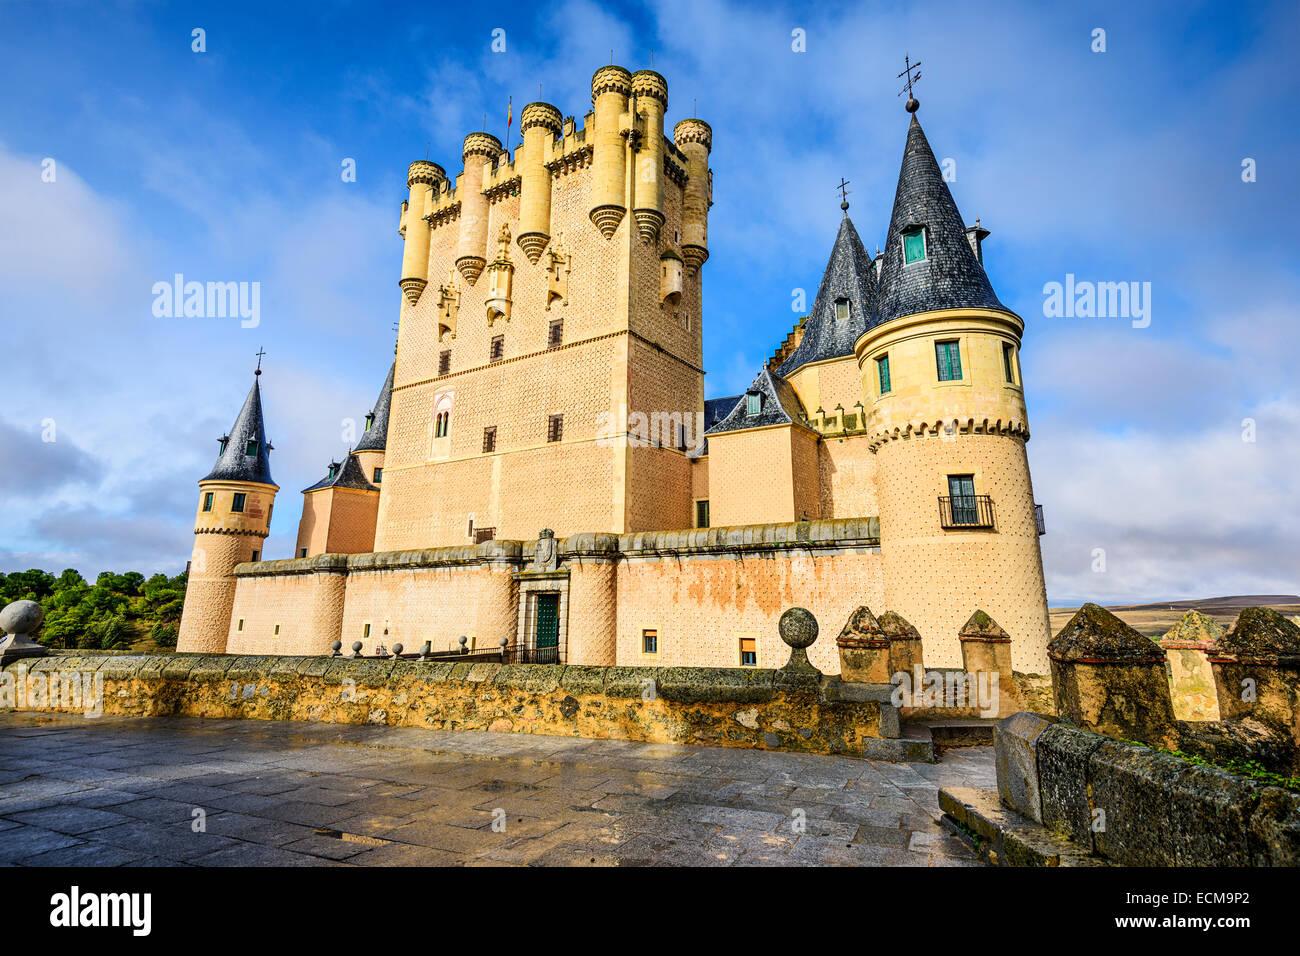 Segovia, Spain at the Alcazar. - Stock Image